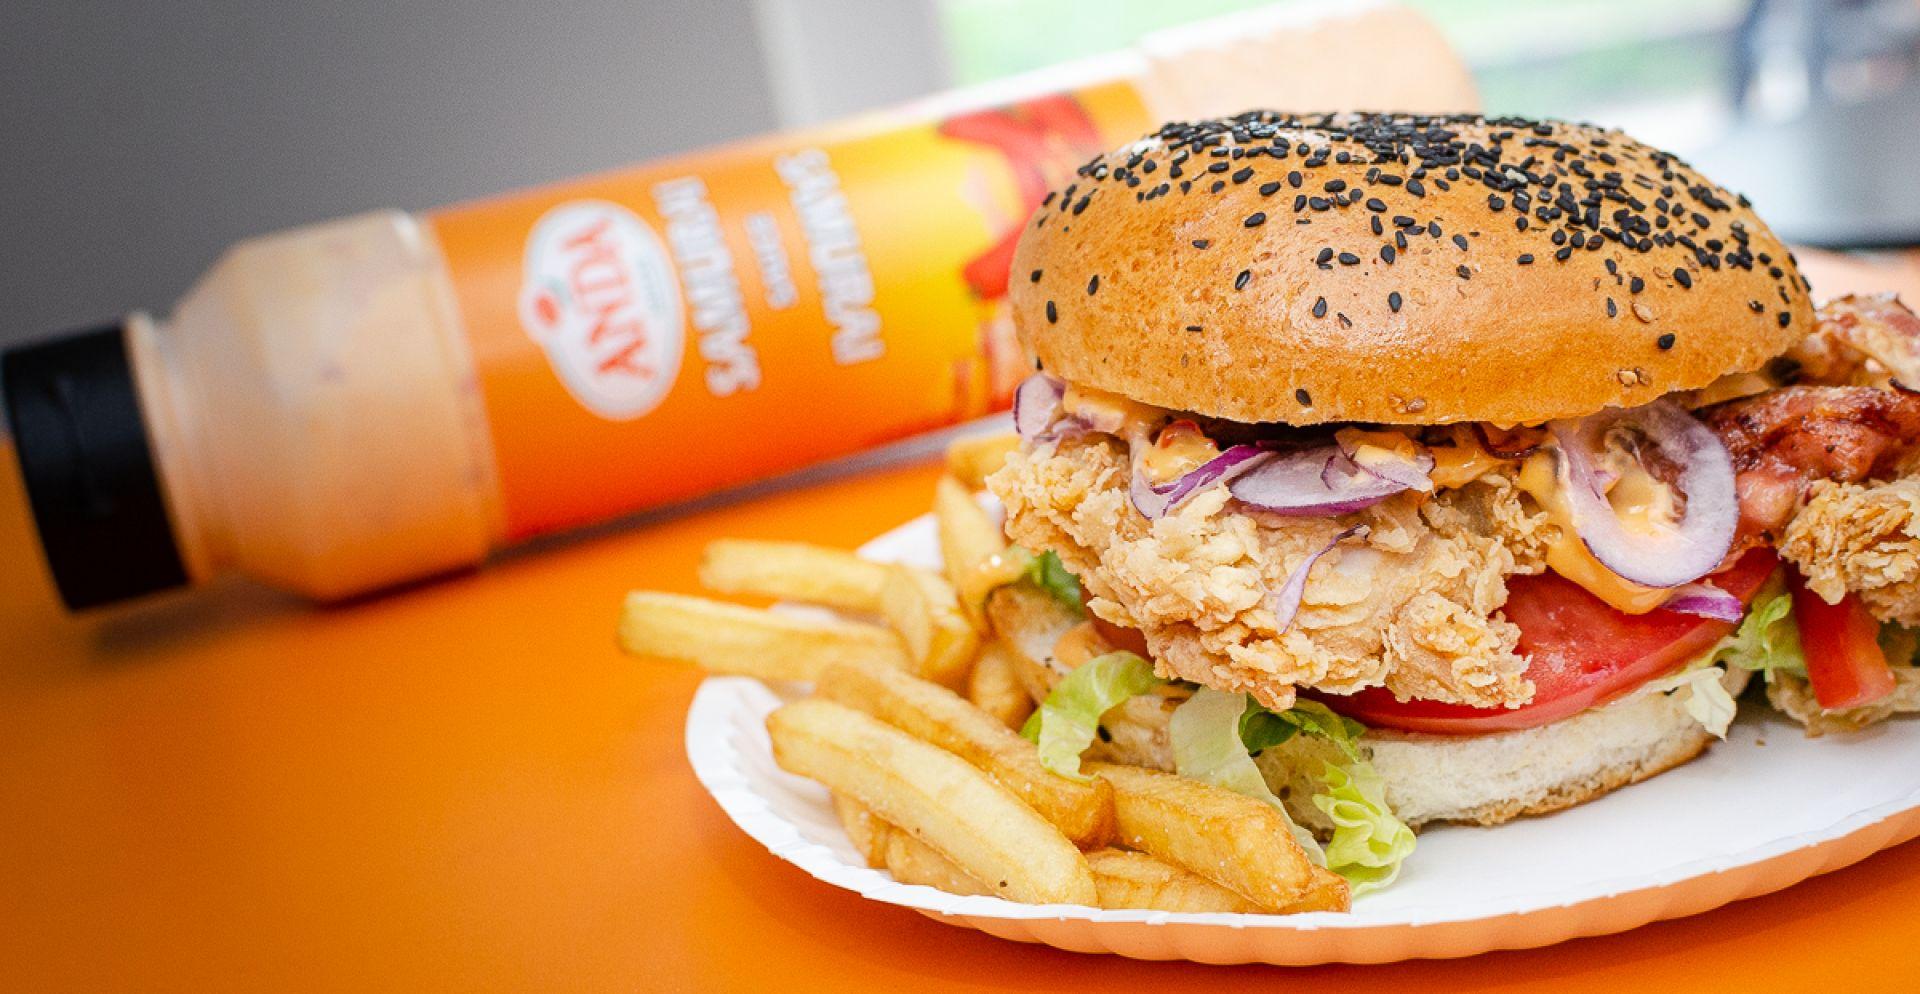 Kebab & Chicken oferuje w rozsądnej cenie dokładnie to, czego potrzebujesz